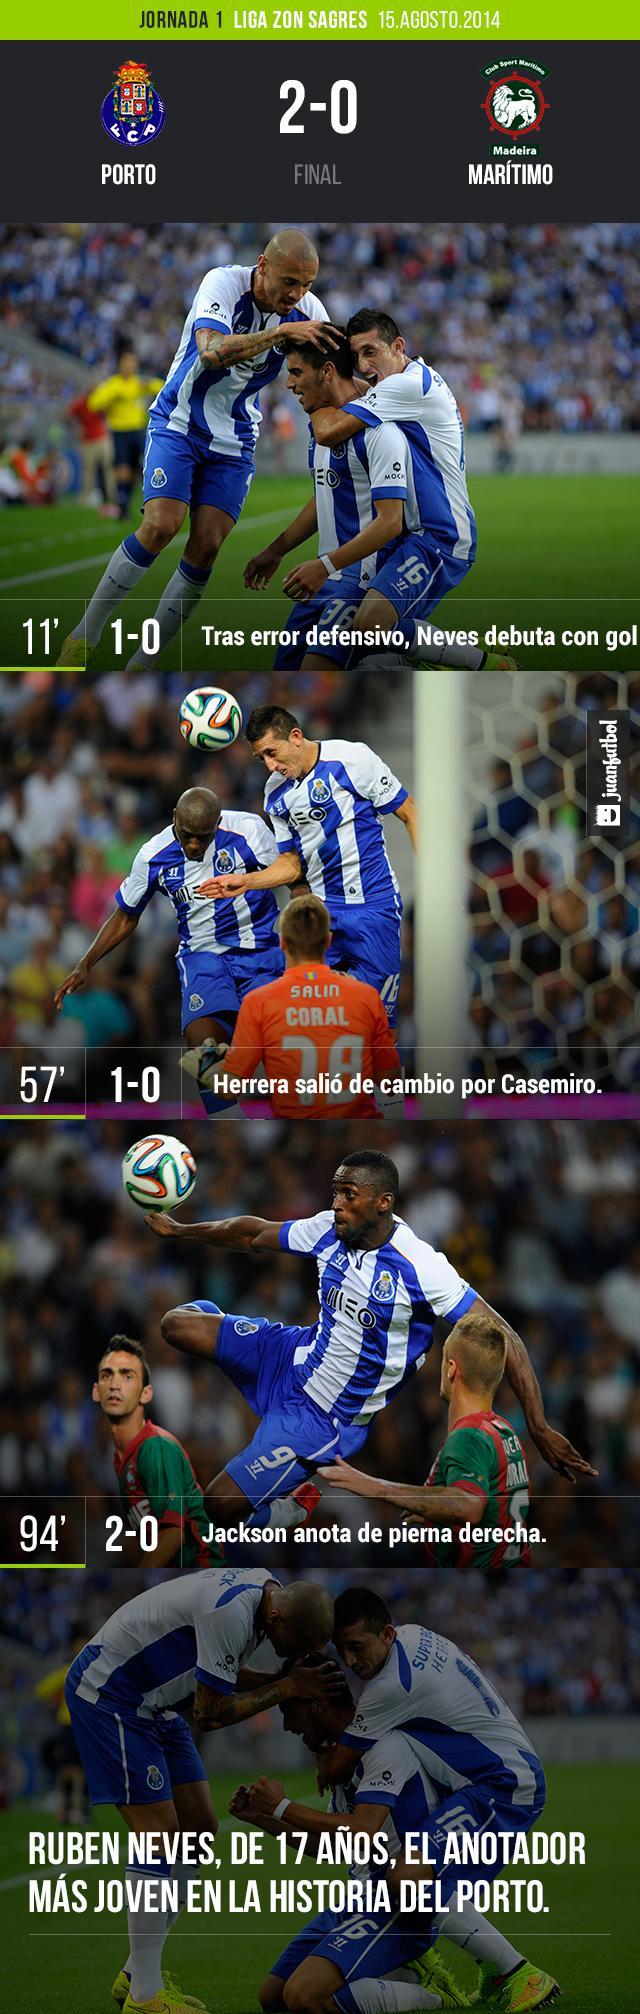 Porto vs Marítimo